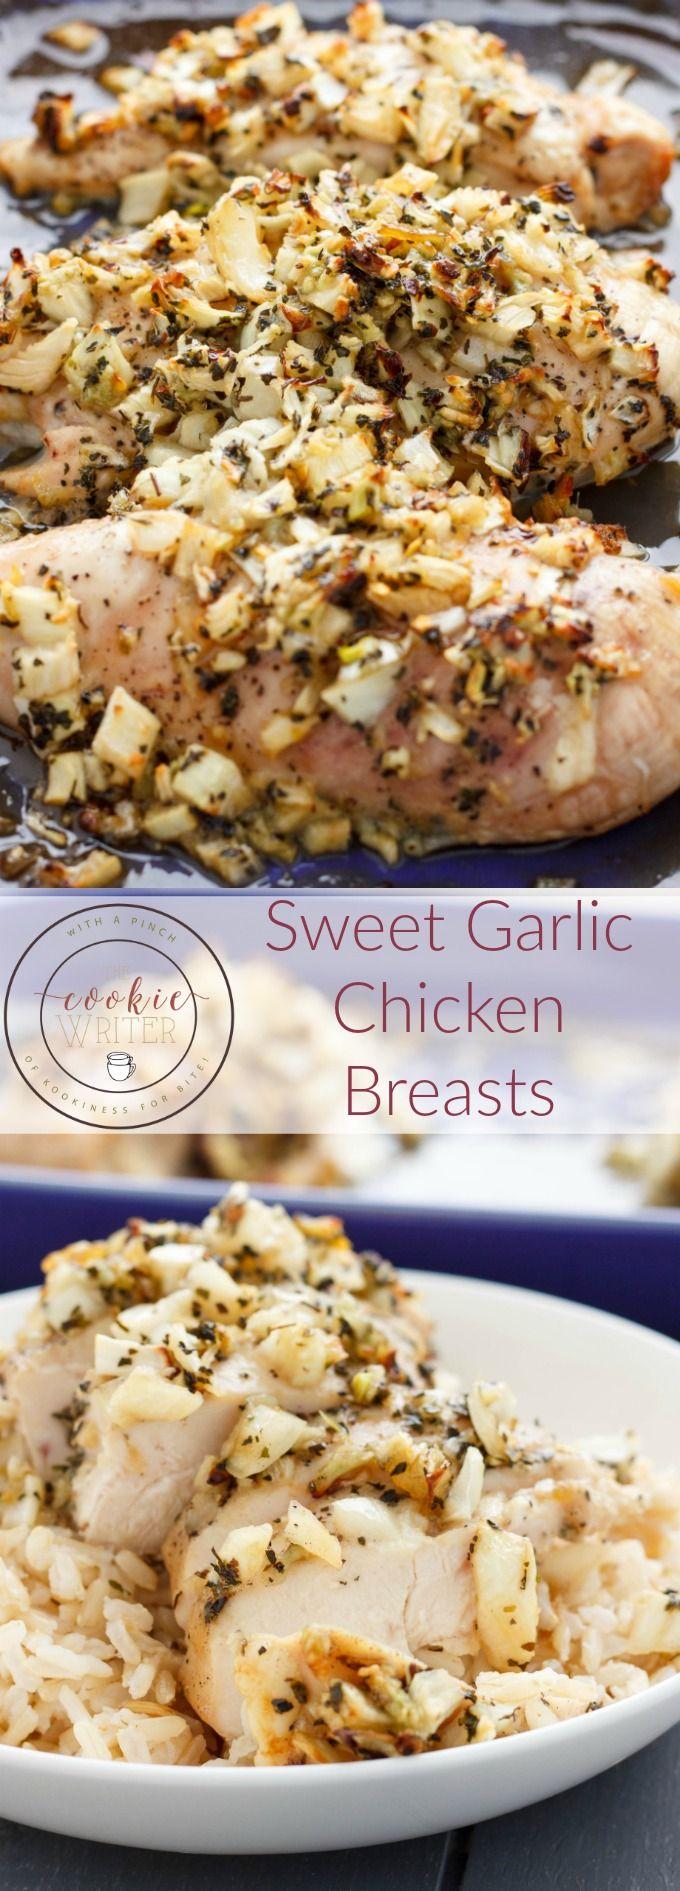 Sweet Garlic Chicken Breasts | http://thecookiewriter.com | @thecookiewriter | #chicken